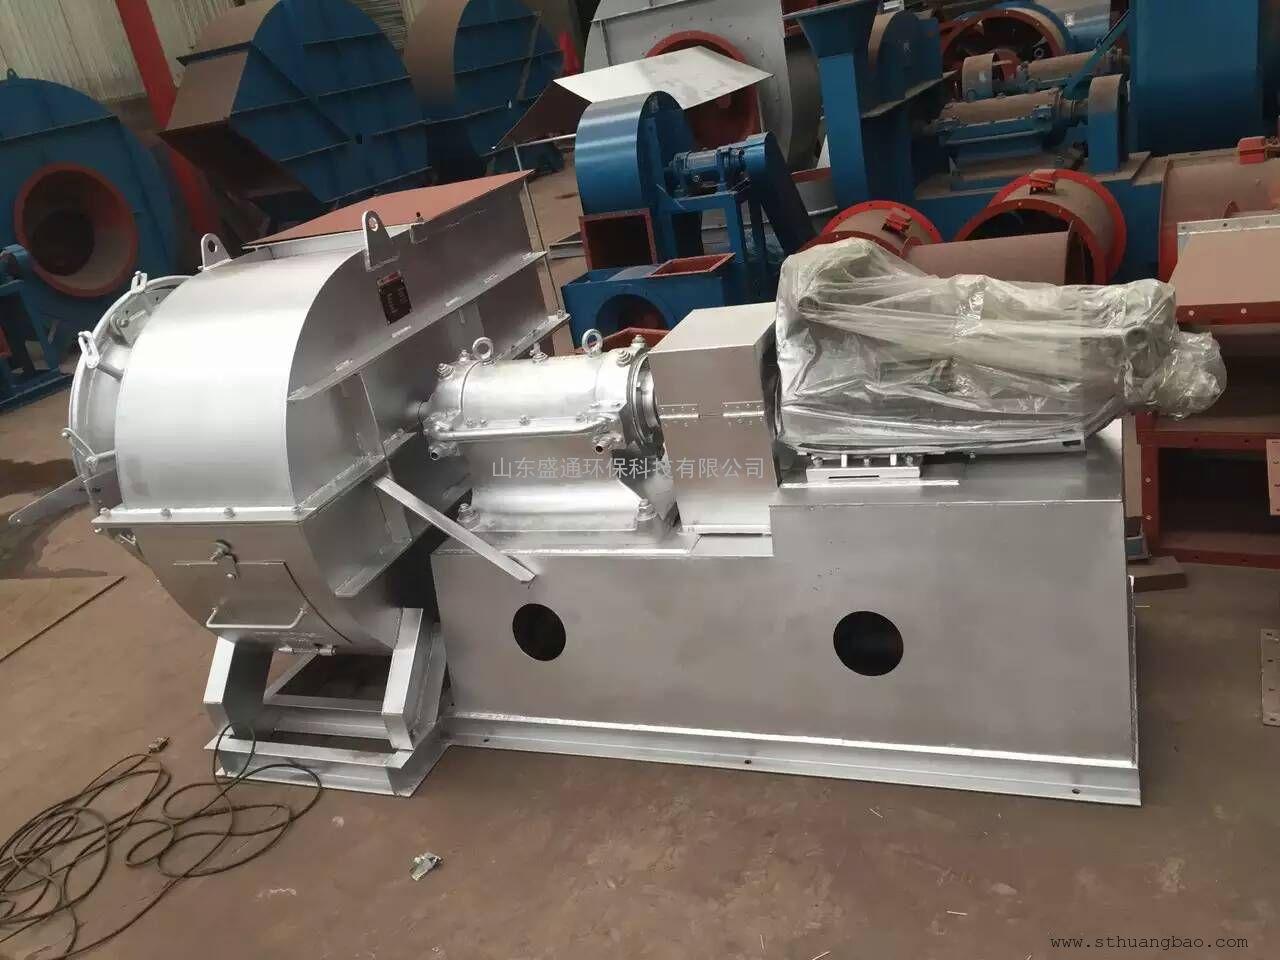 窑炉耐温风机 W9-35 耐温700度风机 水循环耐温风机 高温密封风机